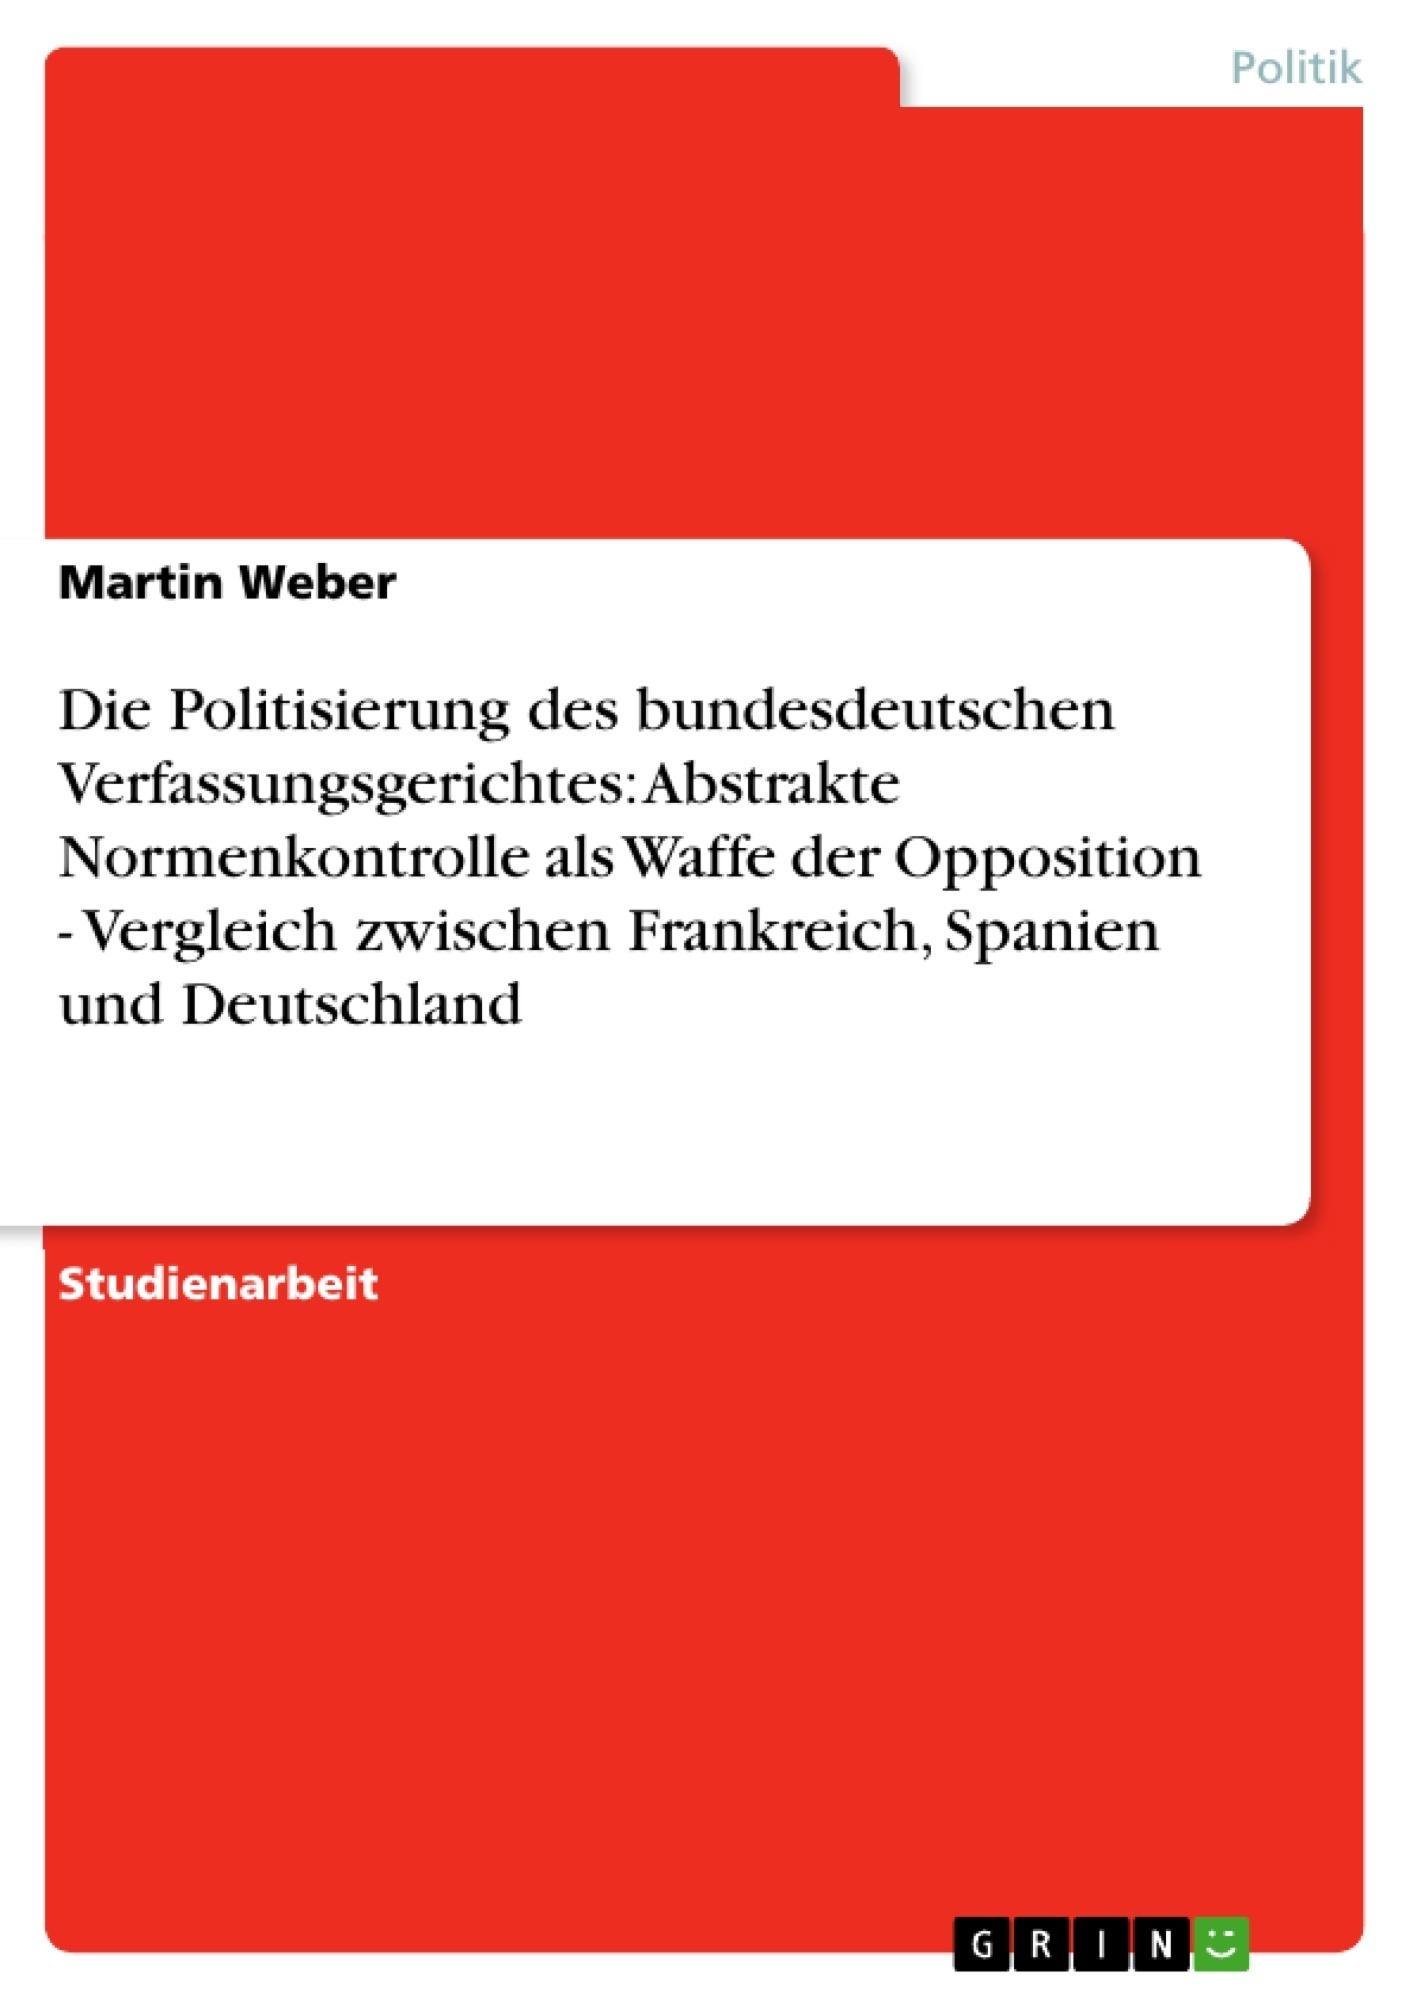 Titel: Die Politisierung des bundesdeutschen Verfassungsgerichtes: Abstrakte Normenkontrolle als Waffe der Opposition - Vergleich zwischen Frankreich, Spanien und Deutschland